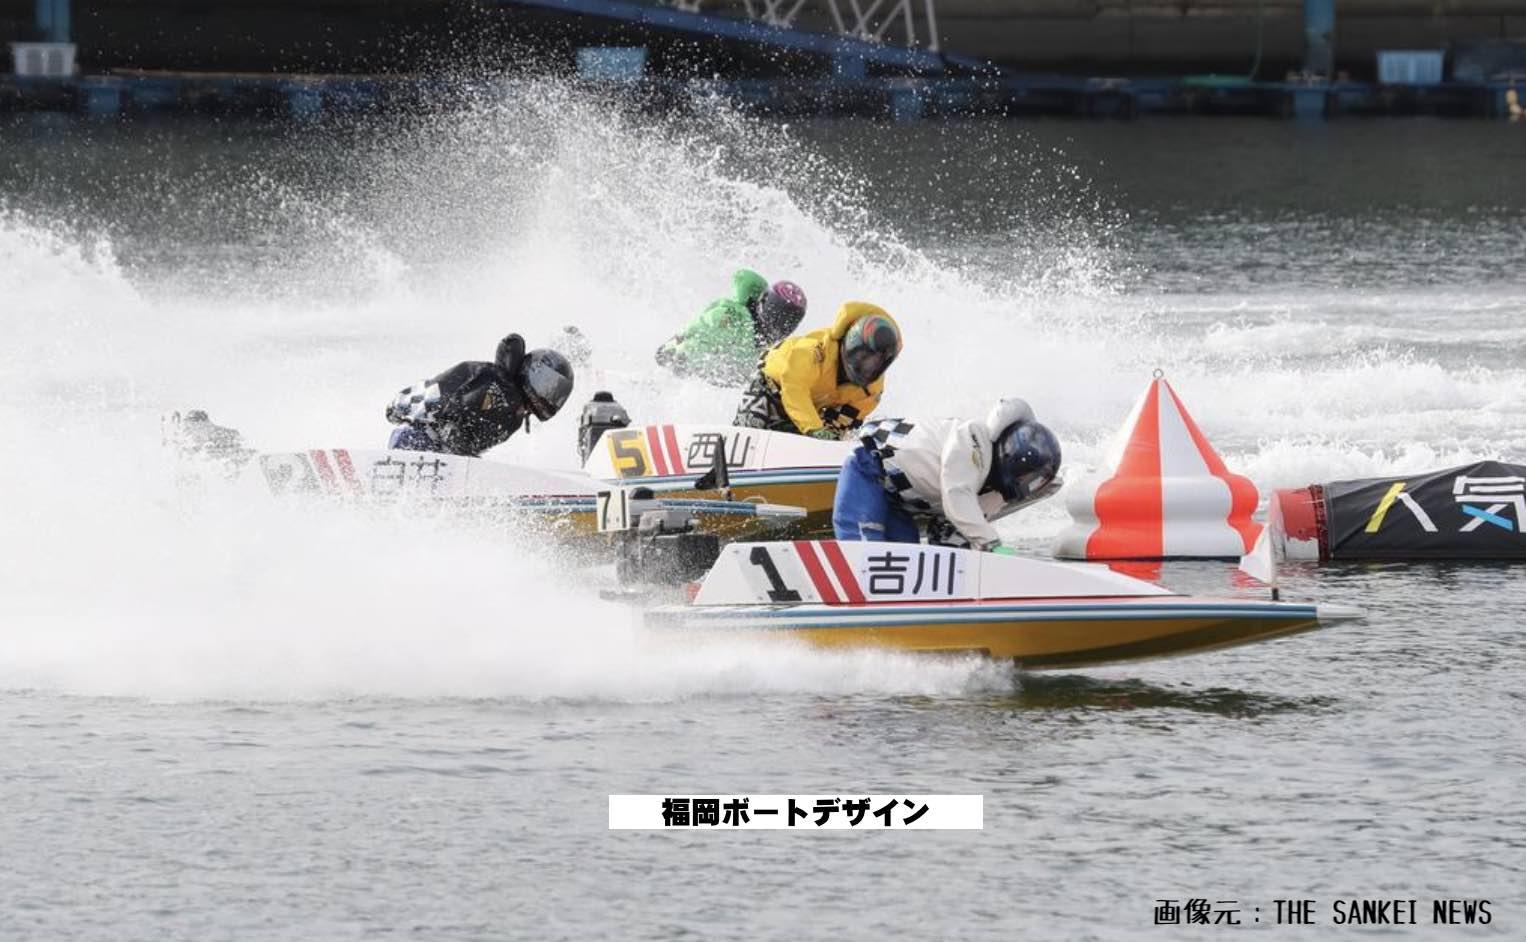 競艇ボートレースの福岡ボートデザイン